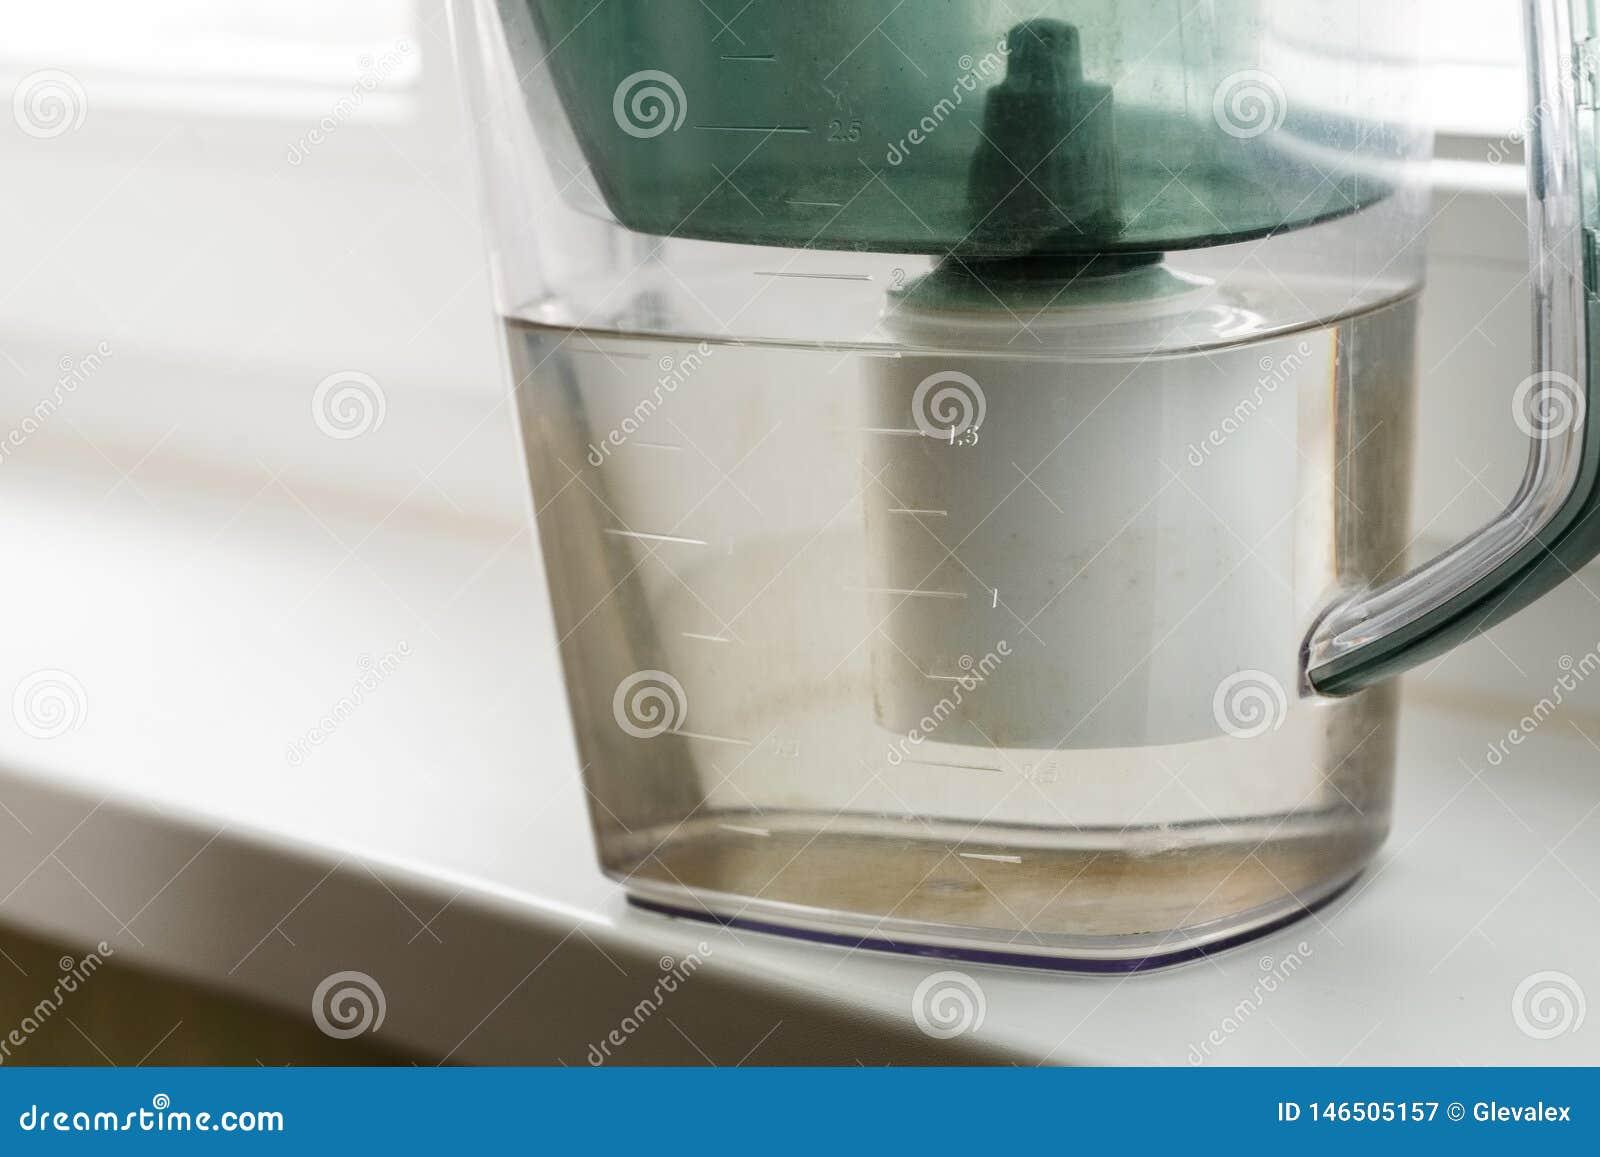 Πλαστική κανάτα για τη διήθηση νερού κοντά στο παράθυρο